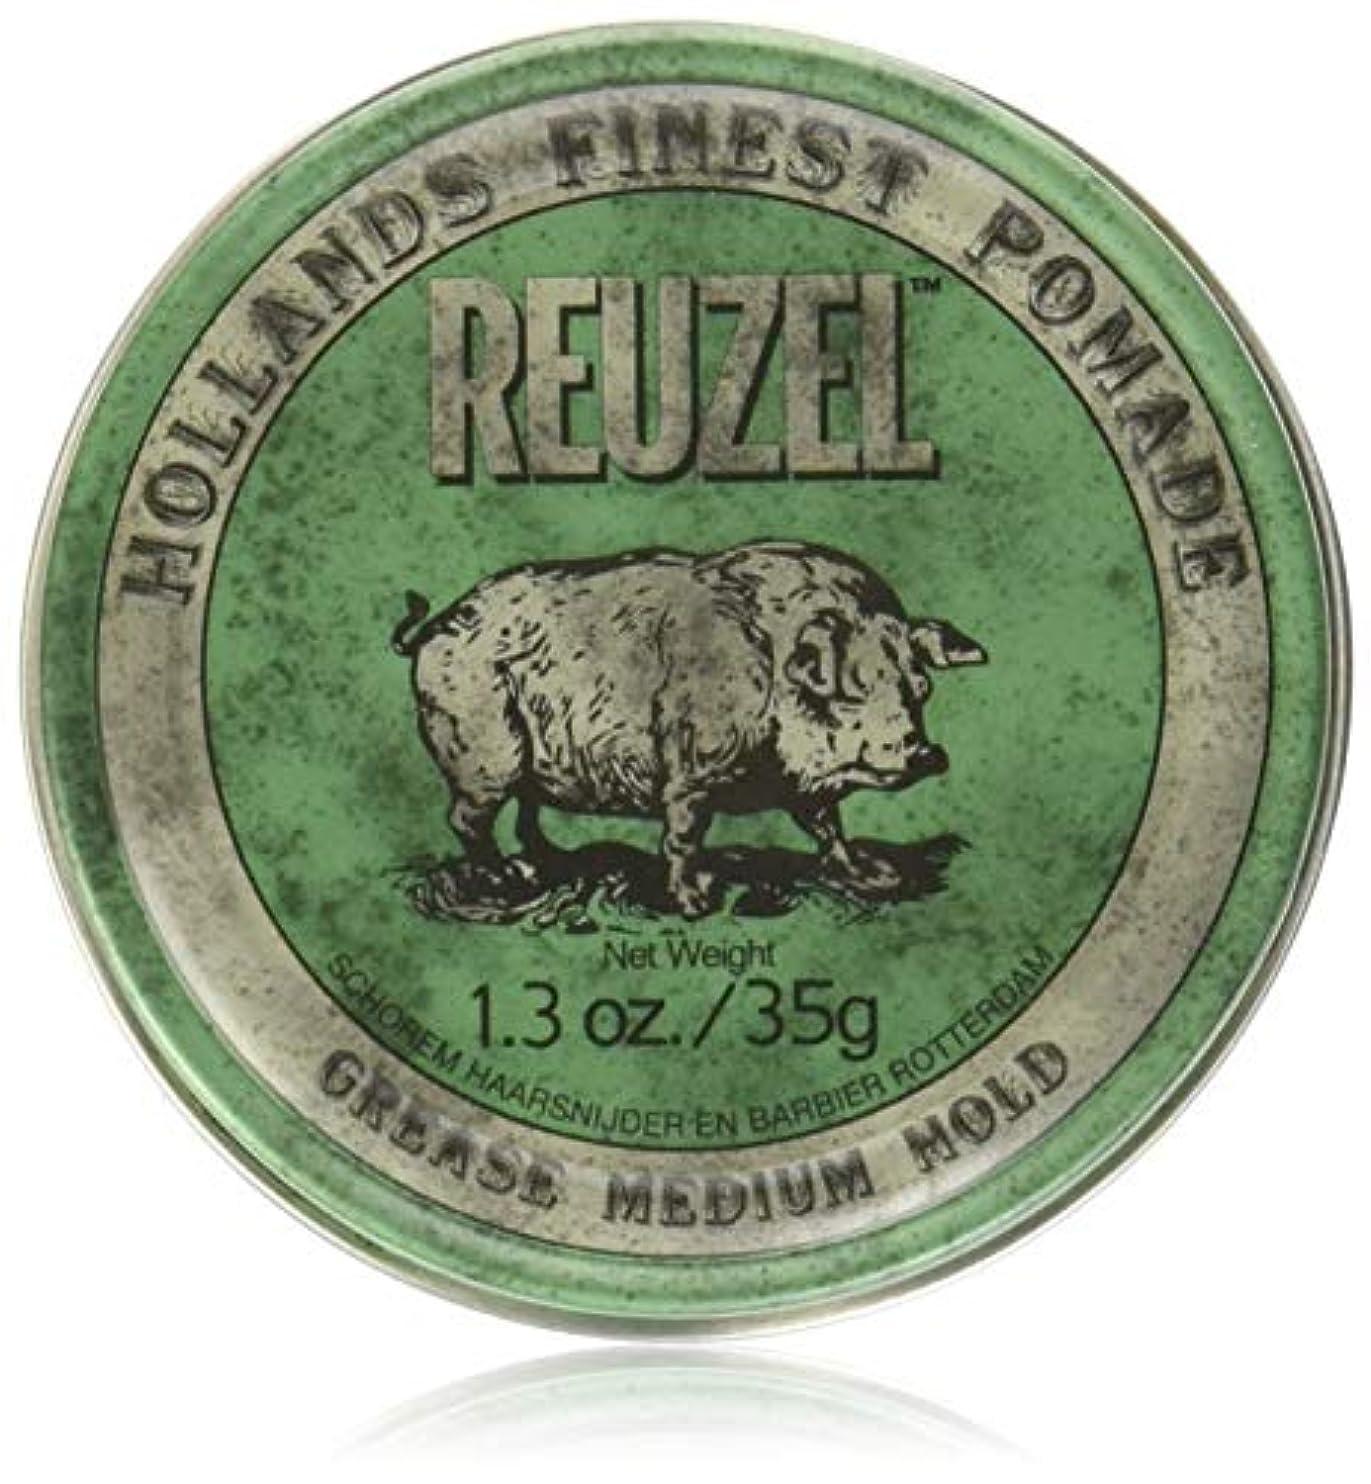 モザイク拮抗召喚するREUZEL Grease Hold Hair Styling Pomade Piglet Wax/Gel, Medium, Green, 1.3 oz, 35g by REUZEL